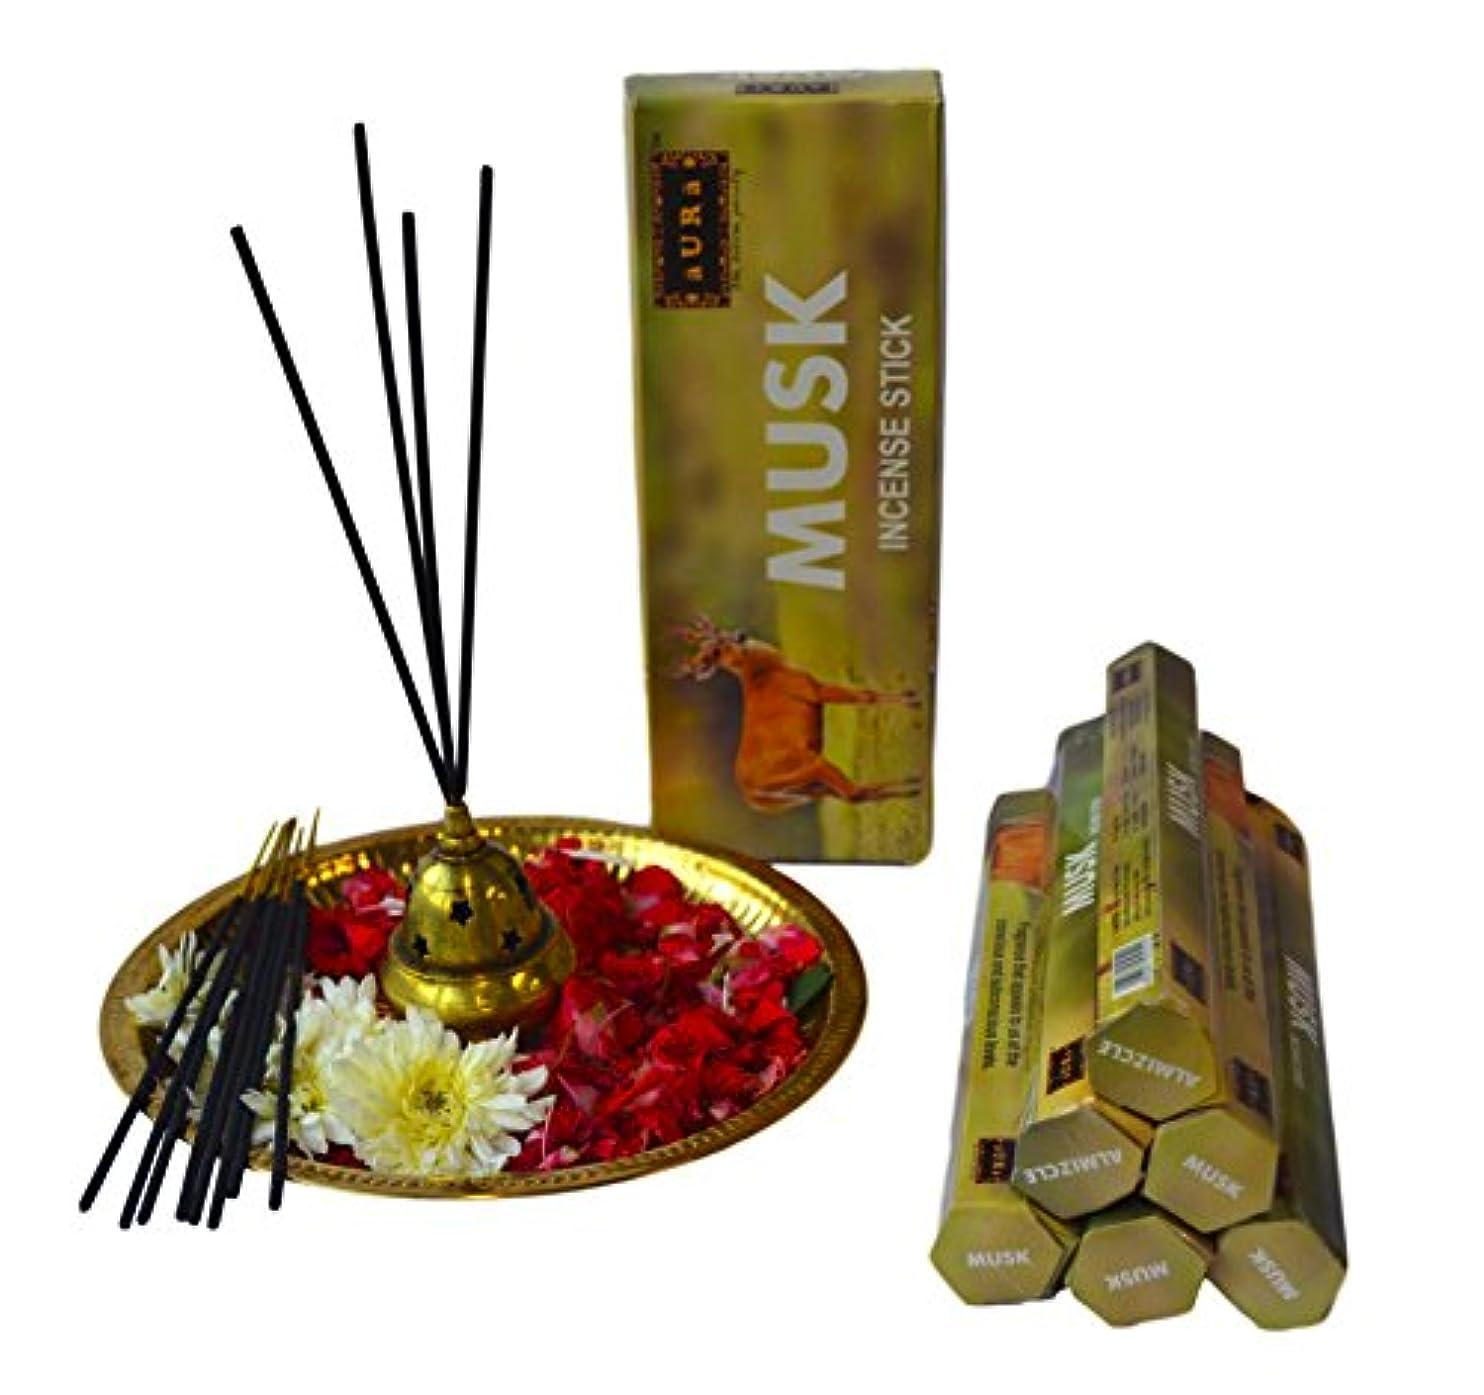 安価な競合他社選手ワインオーラムスクの香りお香、プレミアム天然Incense Sticks、六角packing-120 Sticks